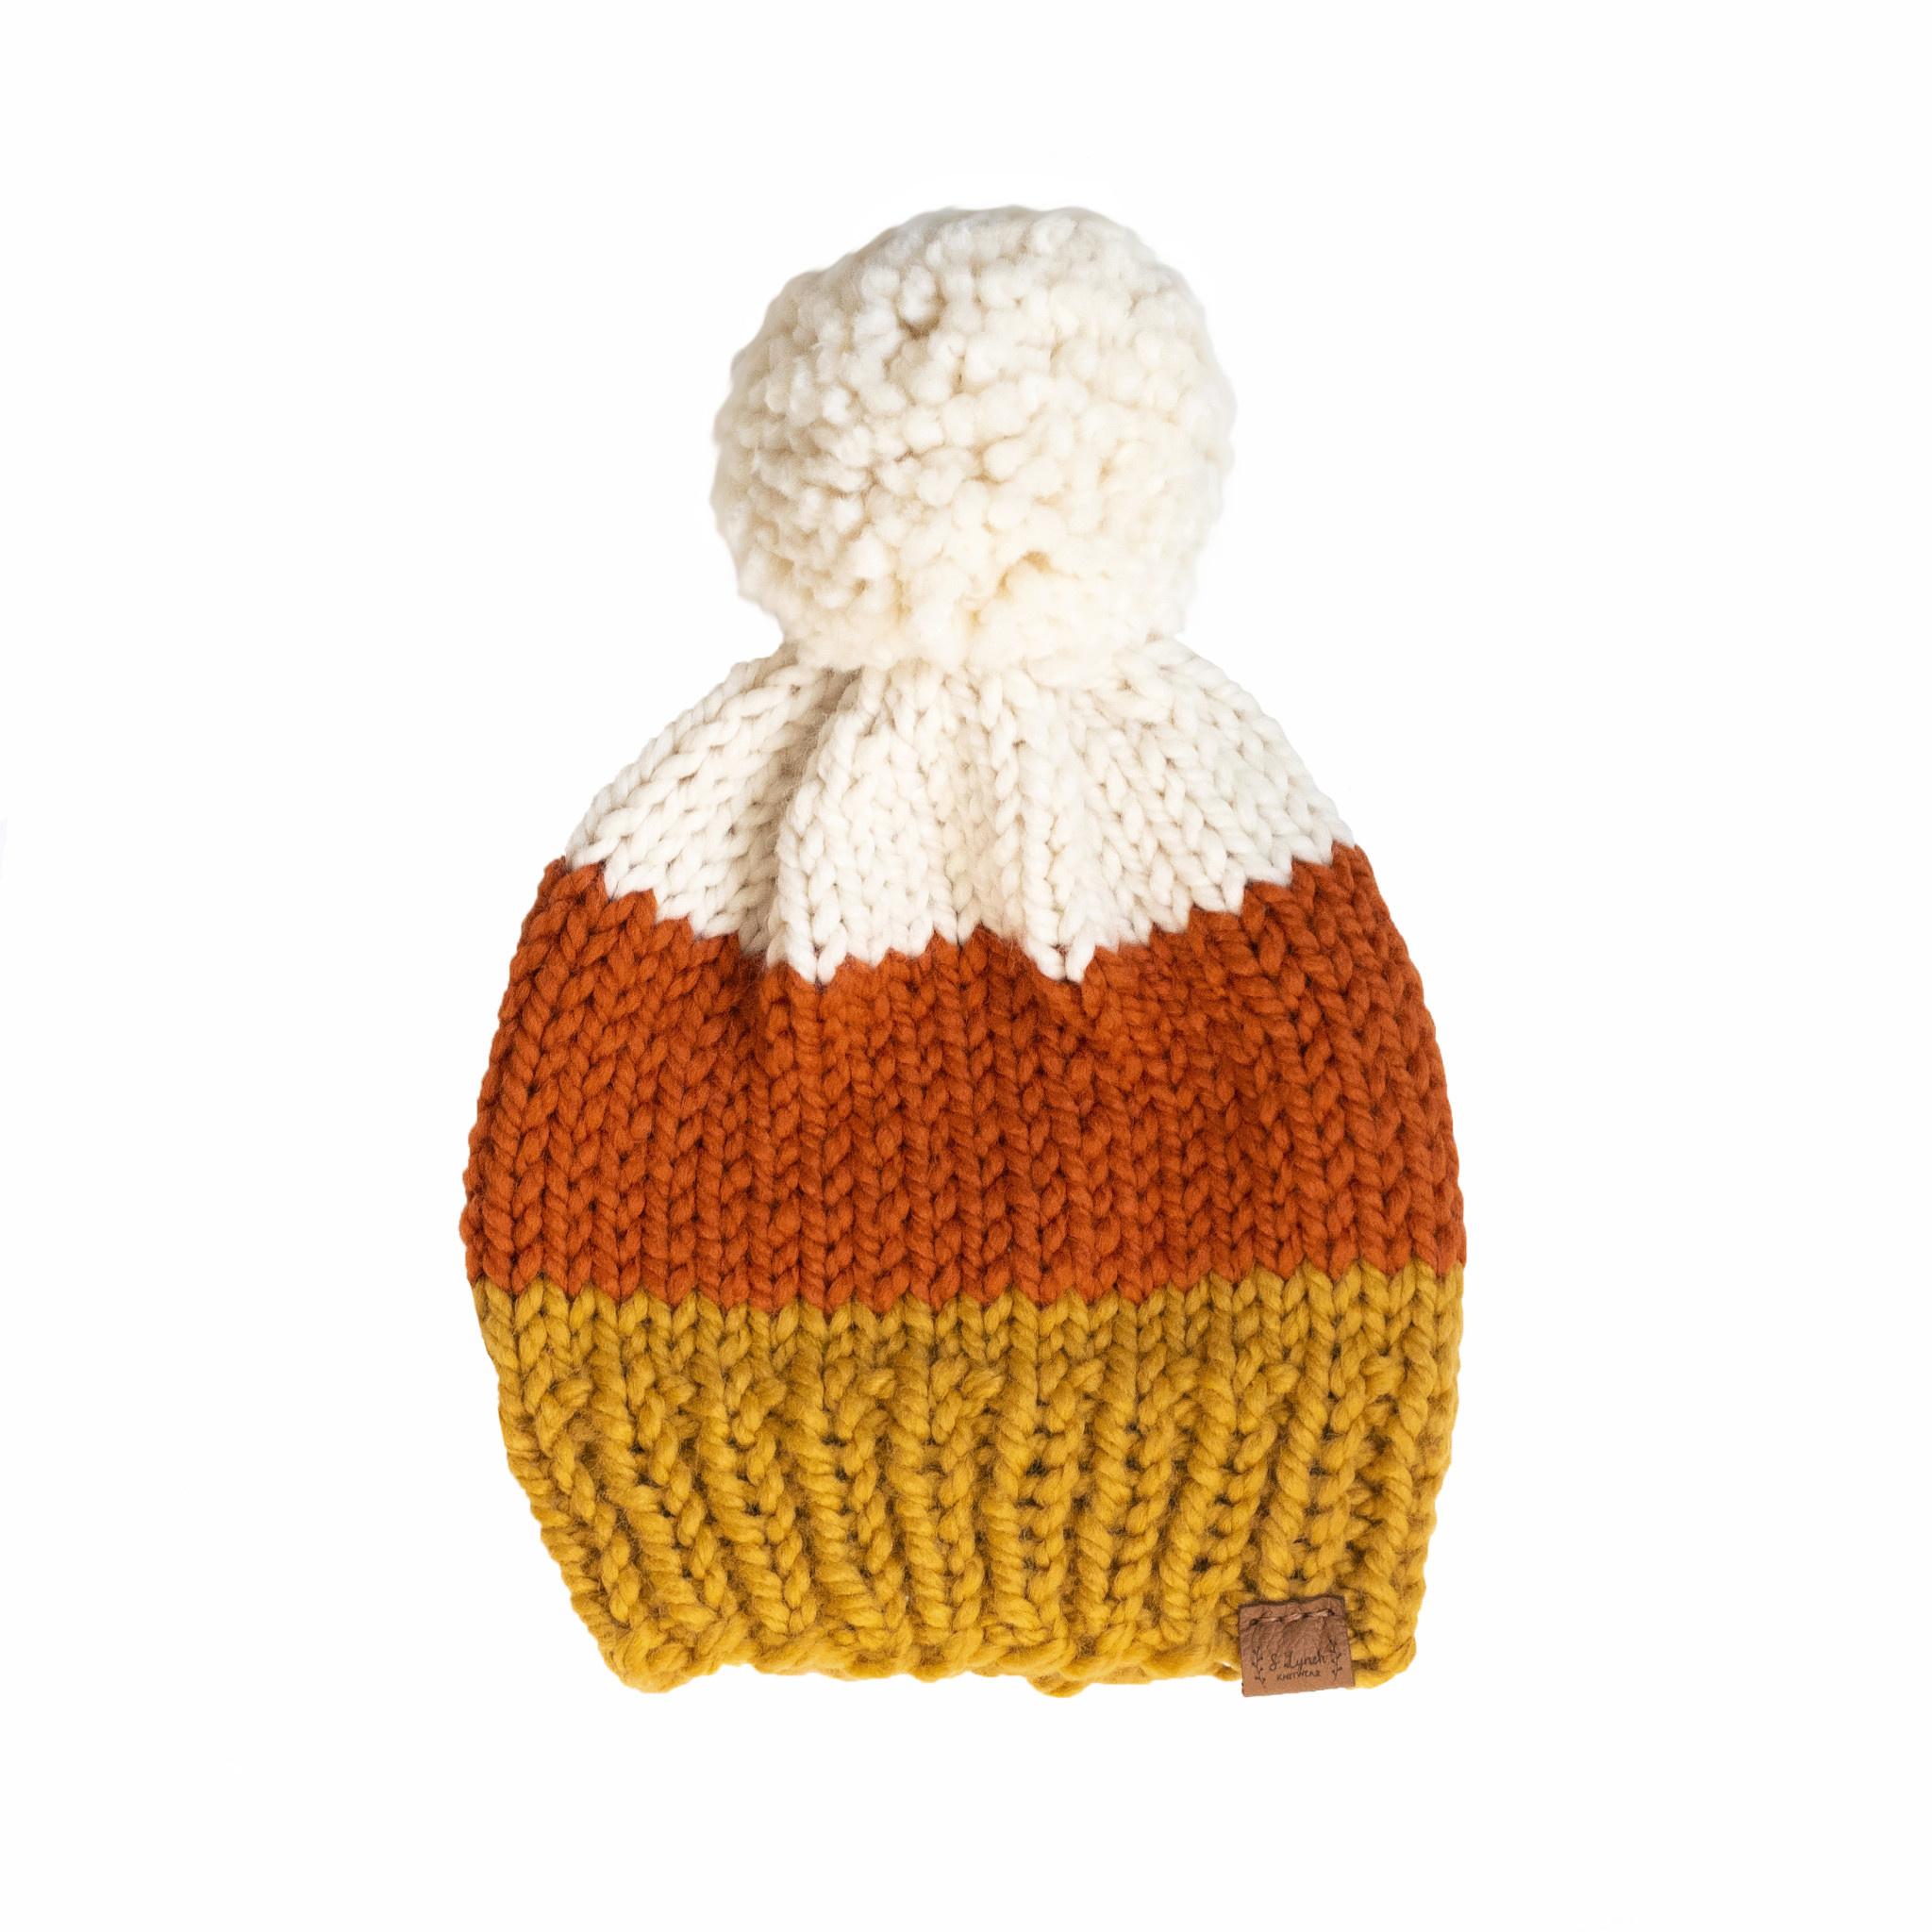 S. Lynch Knitwear S. Lynch Knitwear Baby Hat - Candy Corn - 6-12M